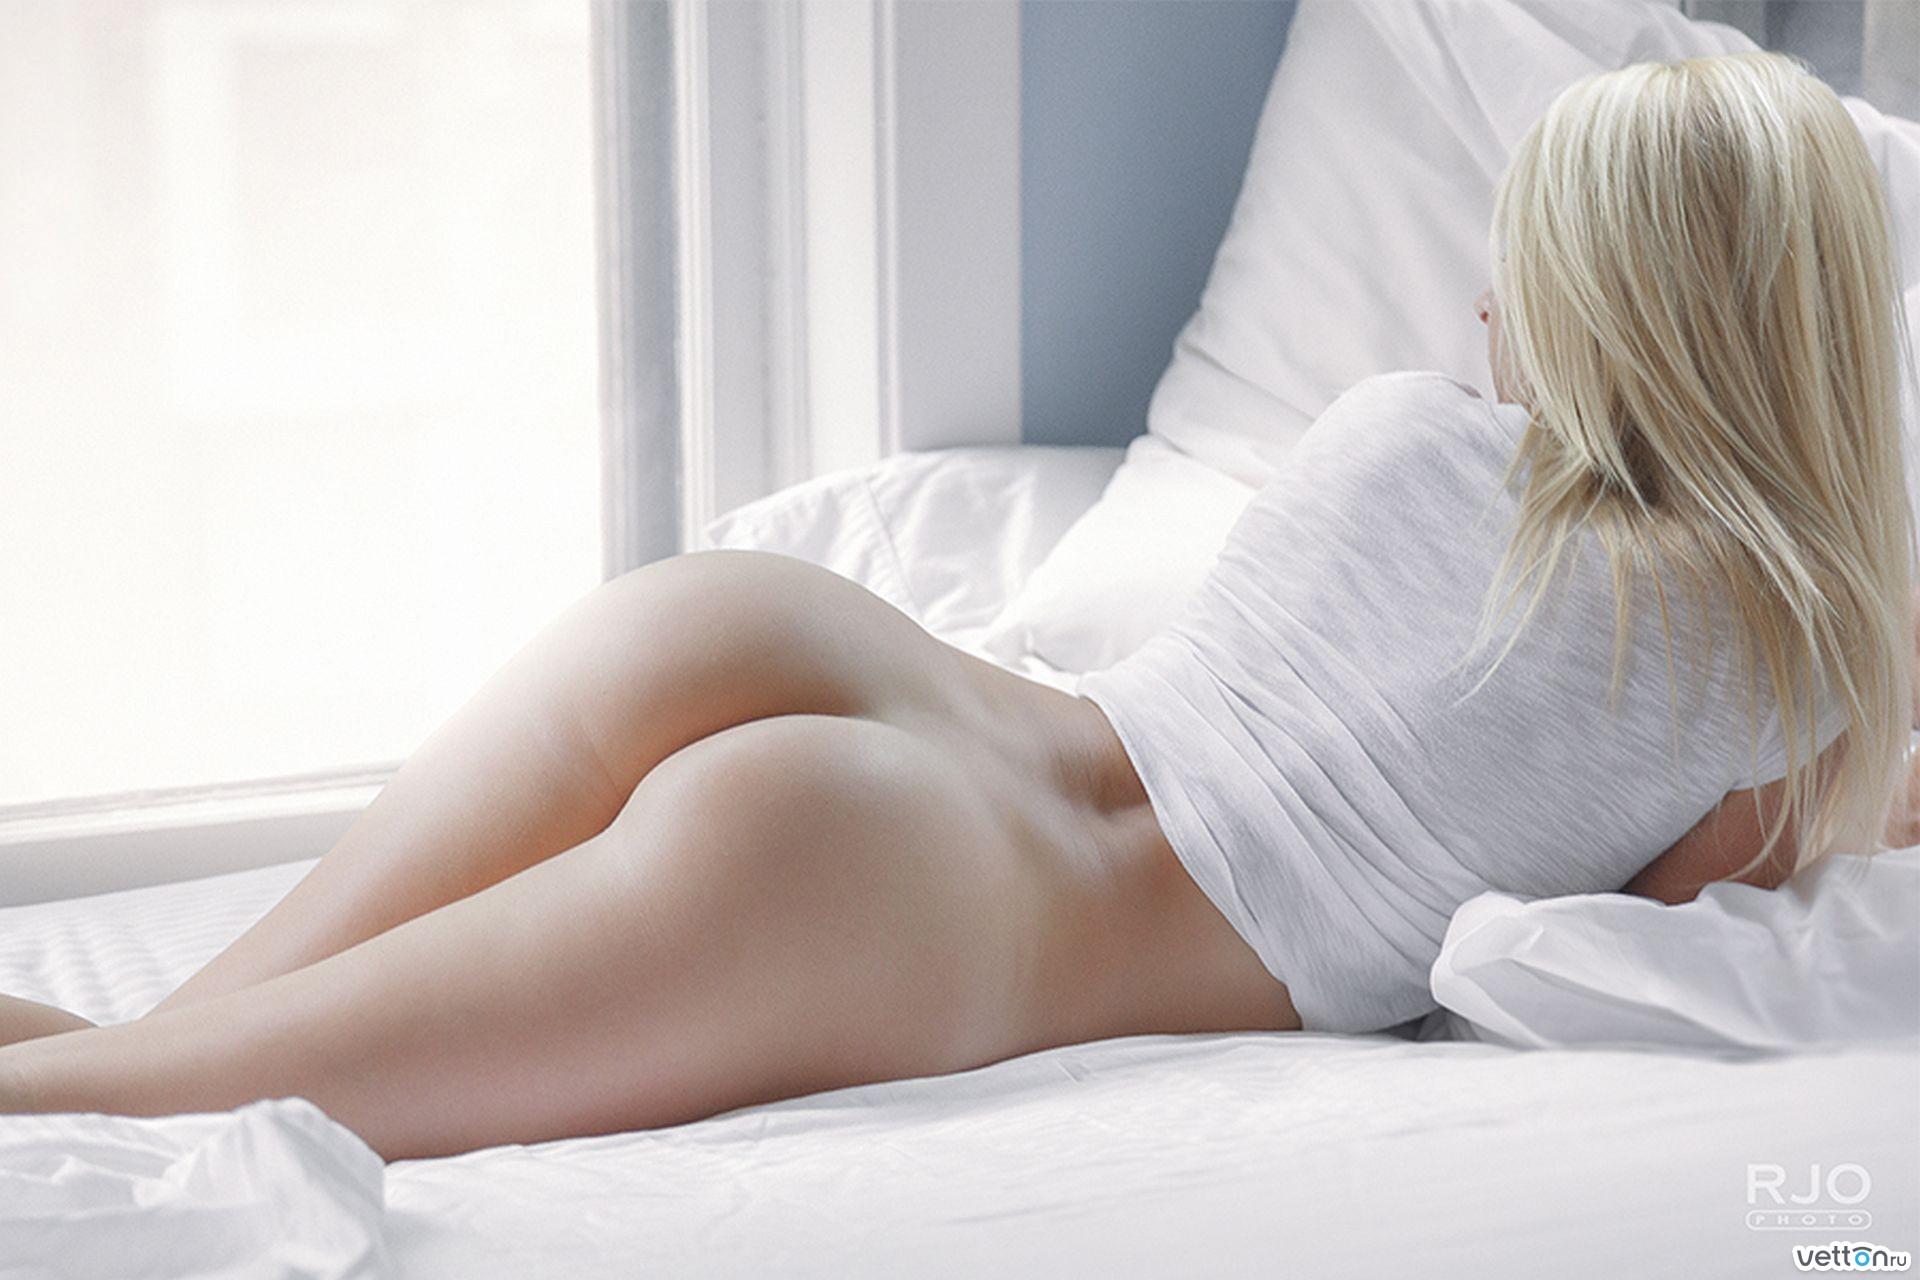 Фото голых красивых девушек в постели 16 фотография